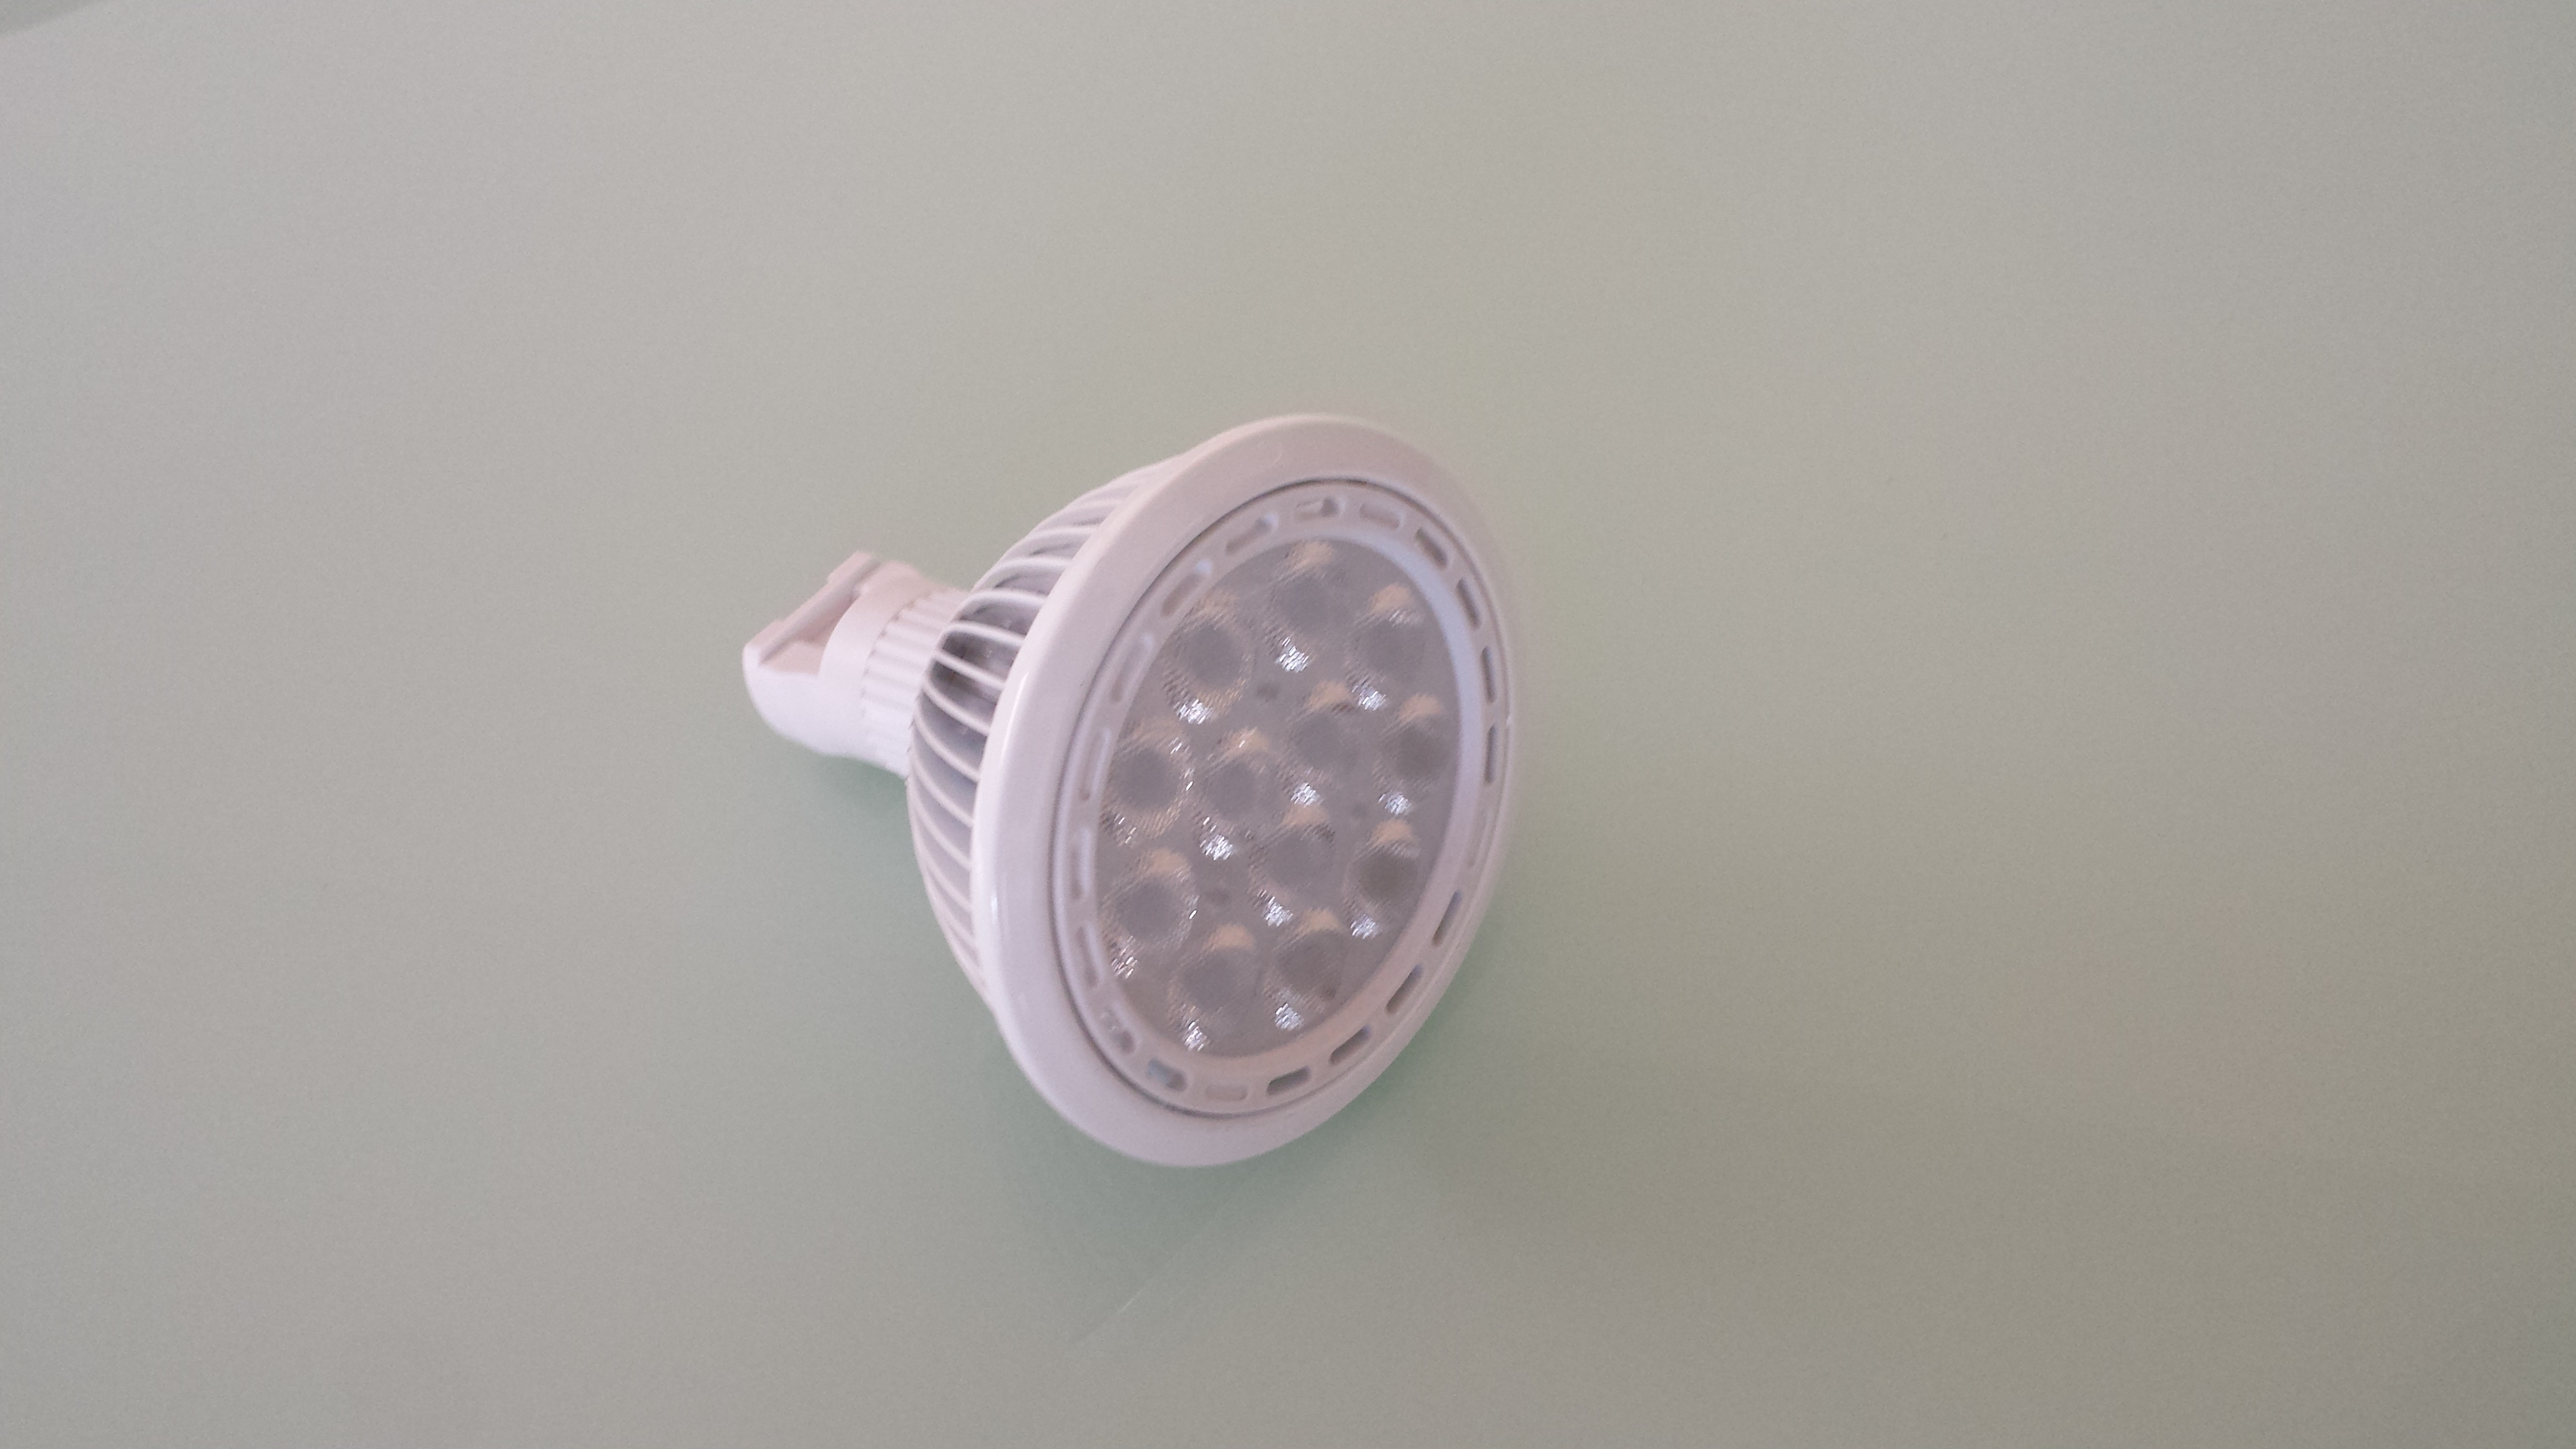 Led Lampen Philips : Philips hue outdoor led leuchten für den aussenbereich youtube